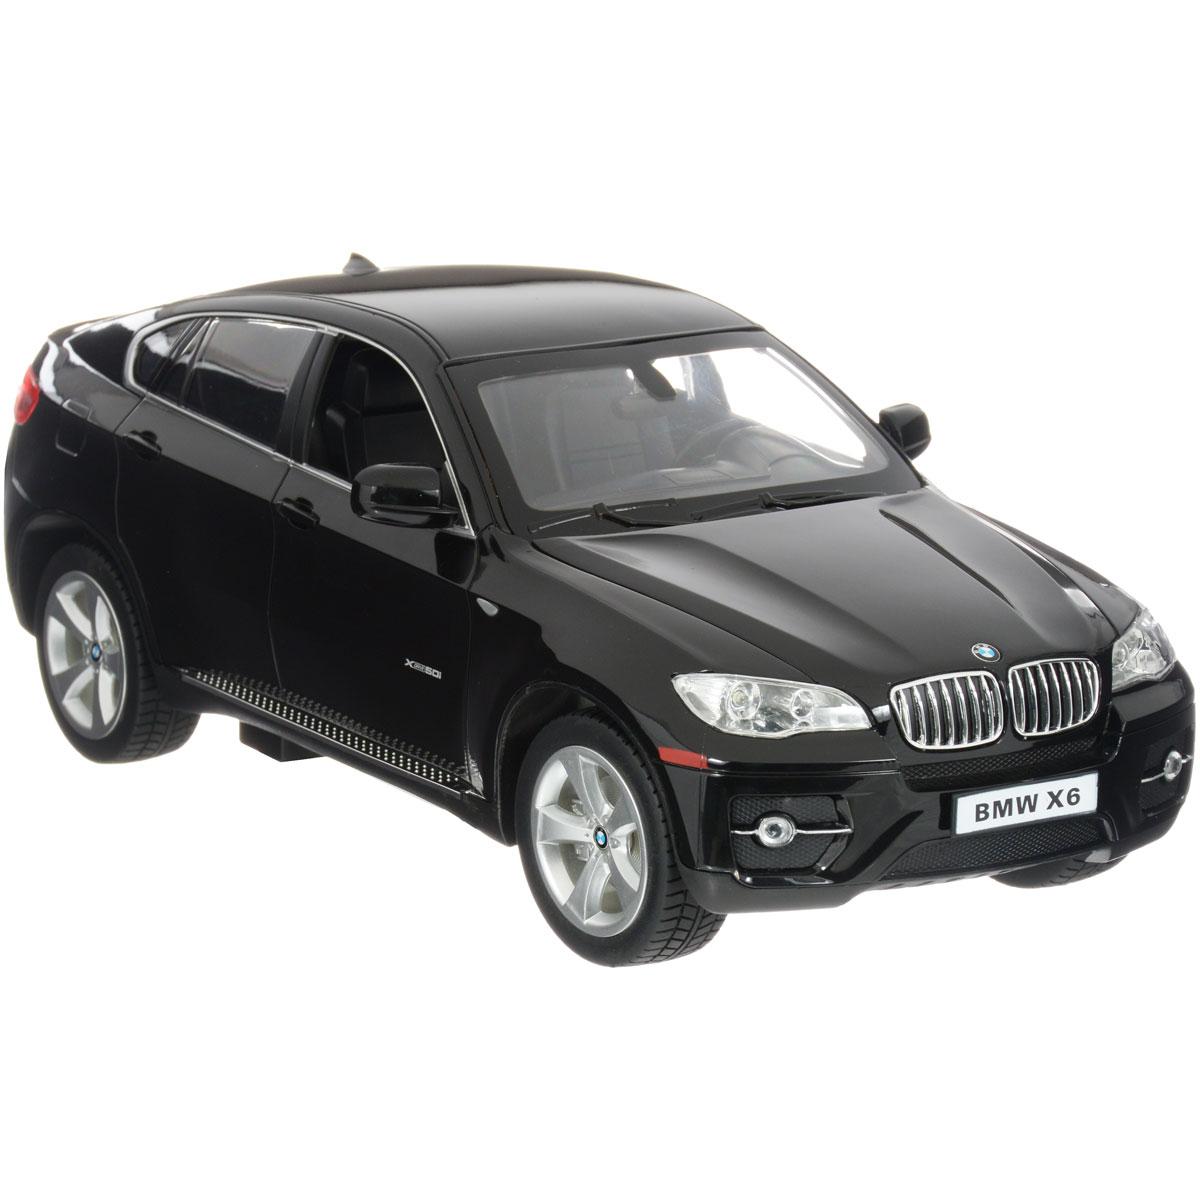 Rastar Радиоуправляемая модель BMW X6 цвет черный